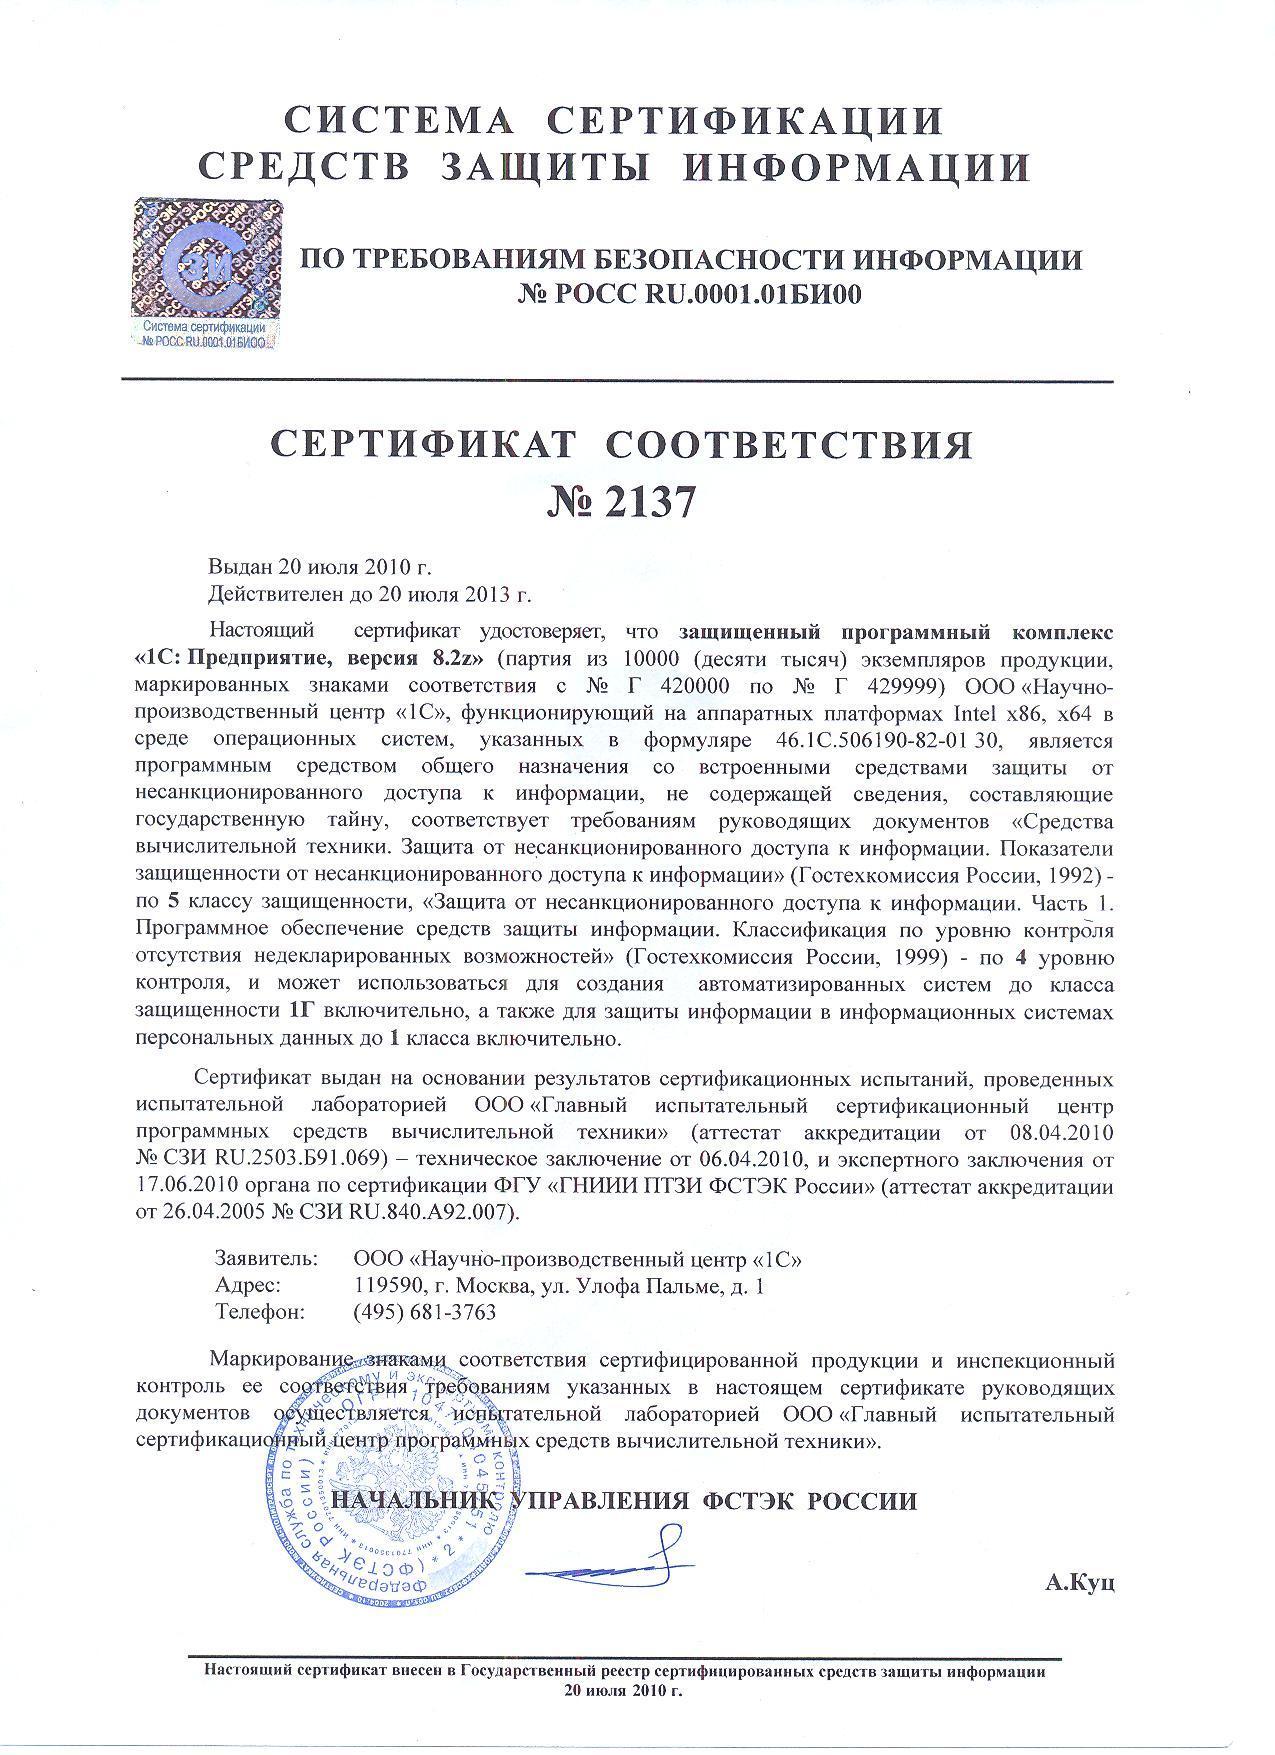 Сертификат соответствия, выданный Федеральной службой по техническому и экспортному контролю России, удостоверяющий...